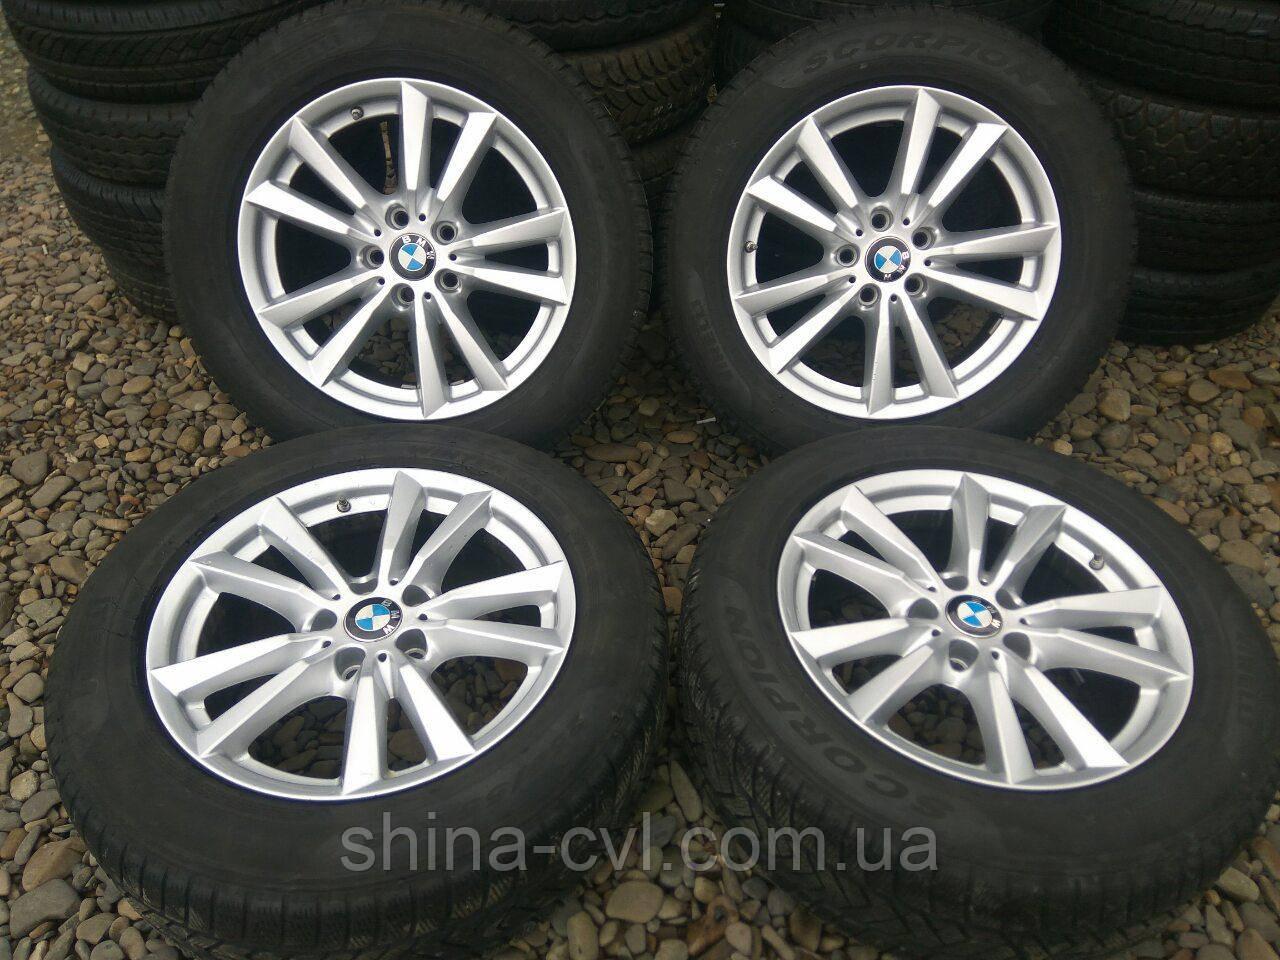 Диски BMW X5  E 8.5J  5/120  R18 ET46